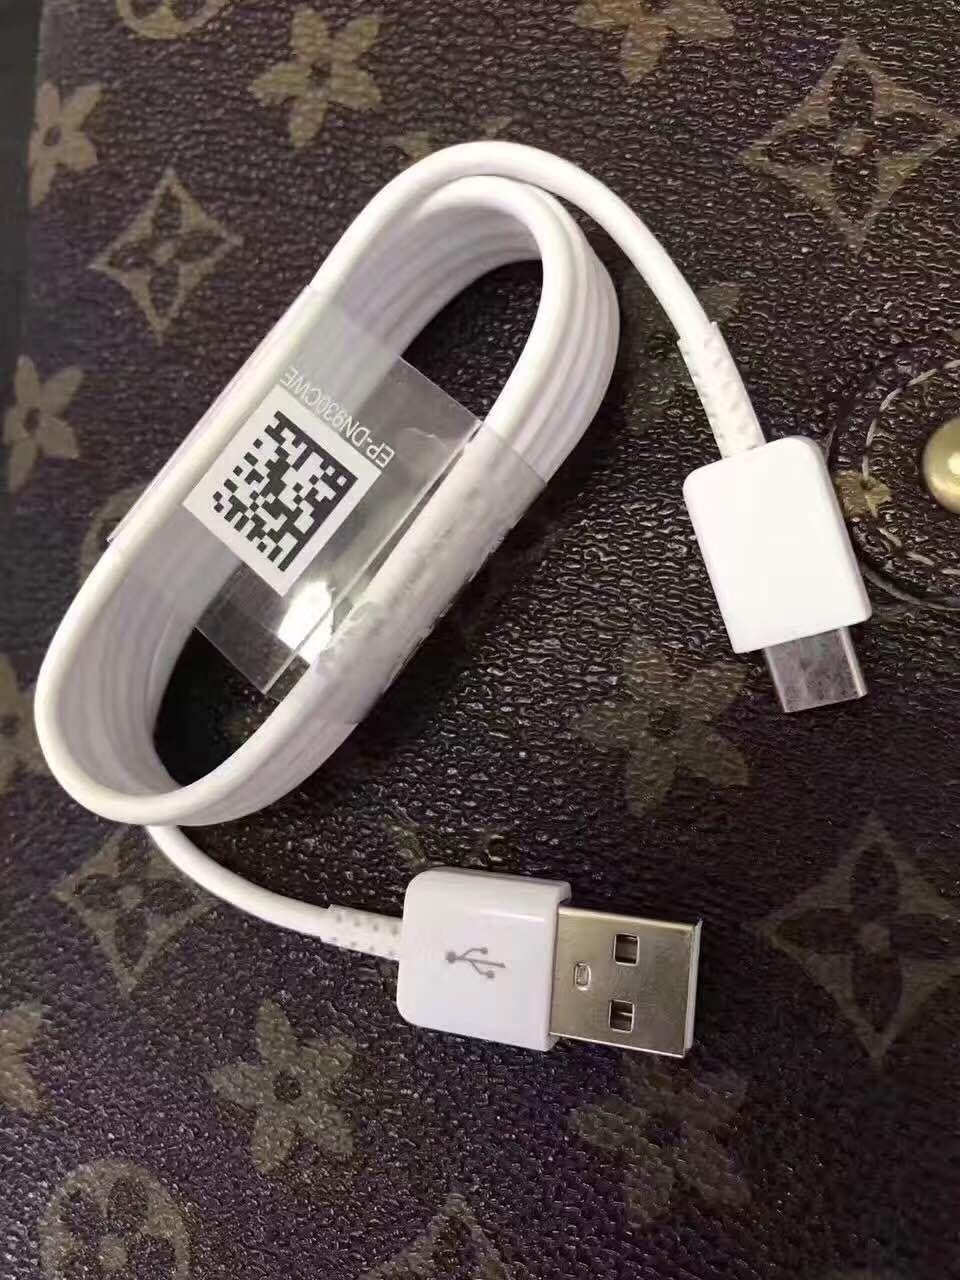 Быстрая зарядка 1M 3FT S8 Type-C кабель 2A USB Micro зарядное устройство Кабель для передачи данных для Samsung S8 край Note8 Huawei Google и т. Д.